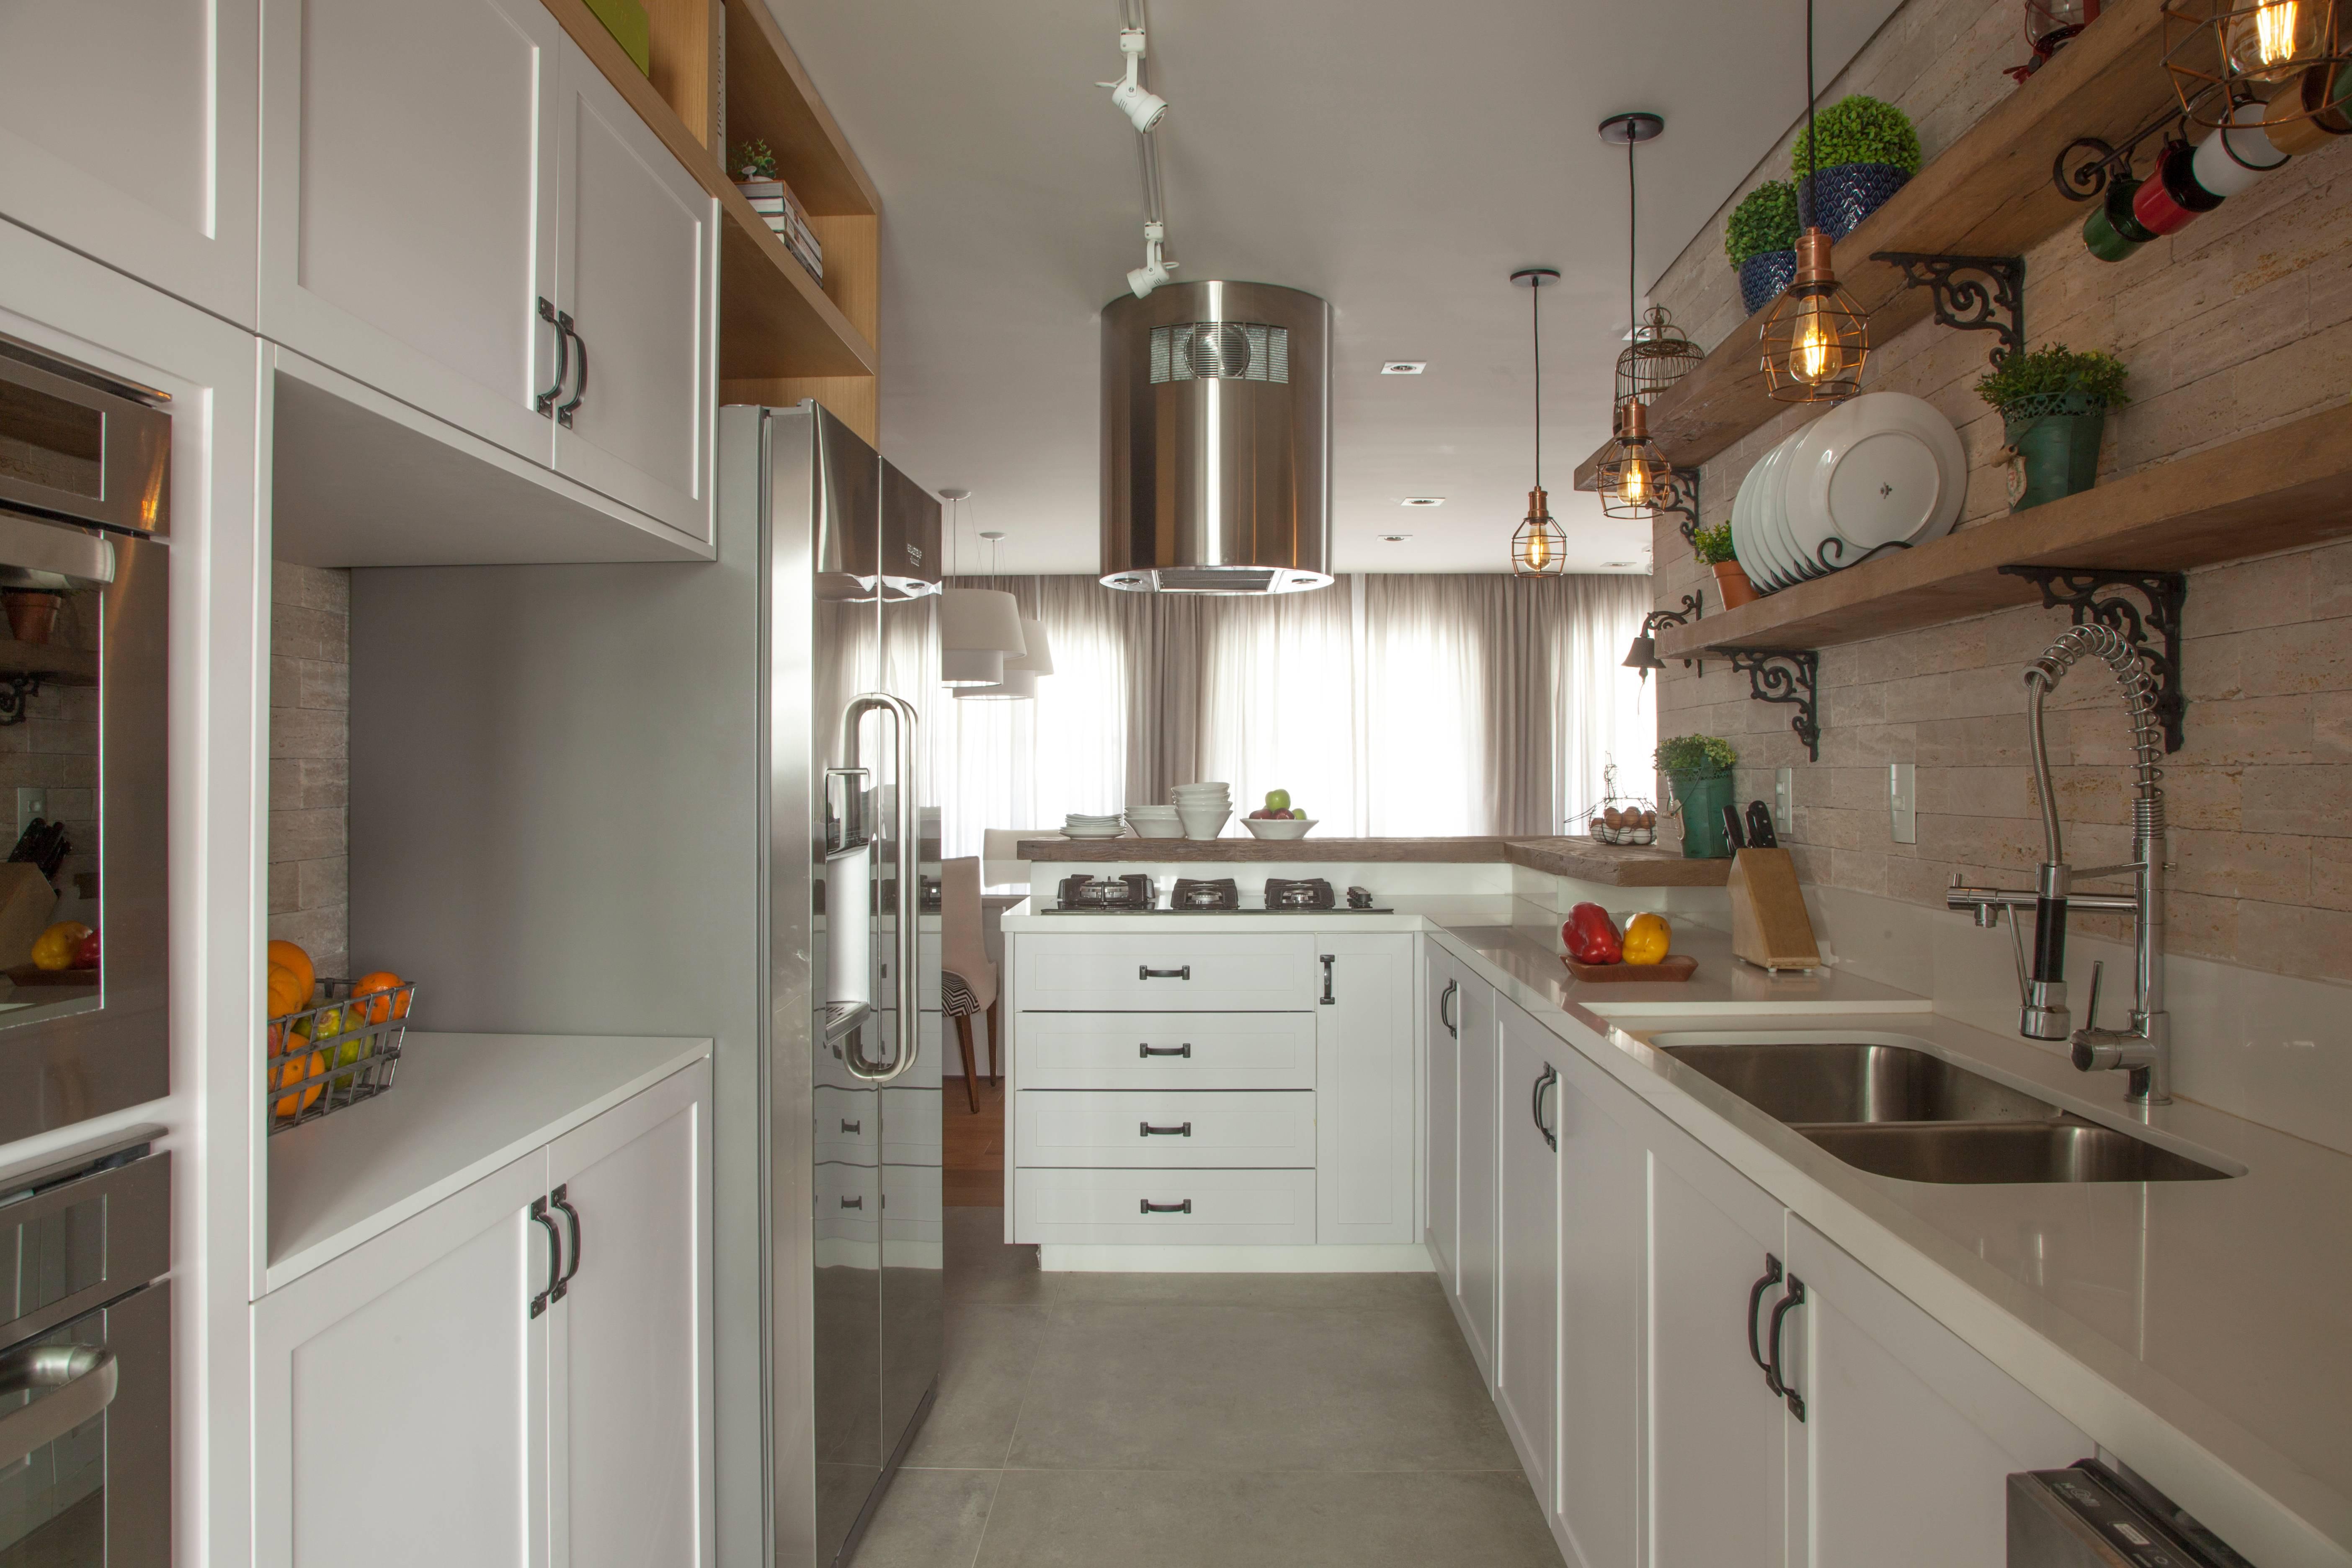 O porcelanato é uma boa opção para que procura higiene e praticidade, como é o caso da cozinha projetada por Bruno Moraes